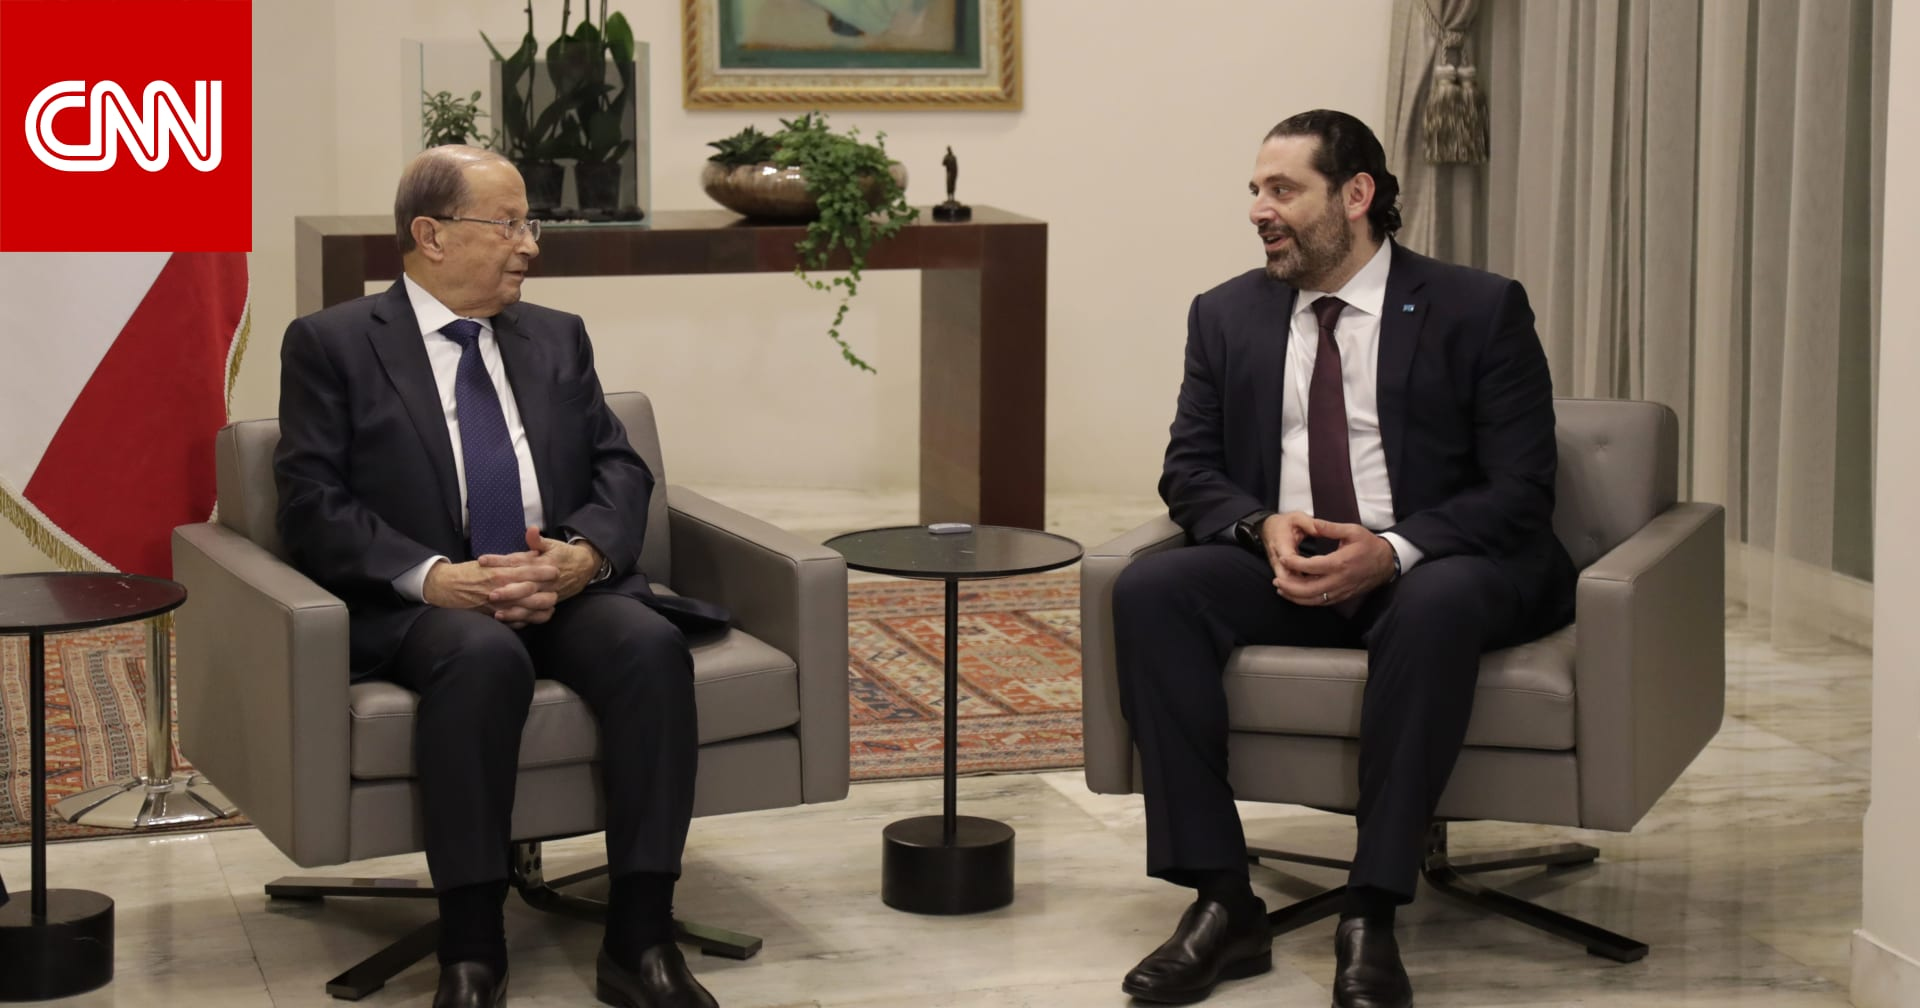 مصدر لـCNN: عون يعتبر مقترح الحريري إيجابيًا.. وتشكيل الحكومة ممكن اليوم